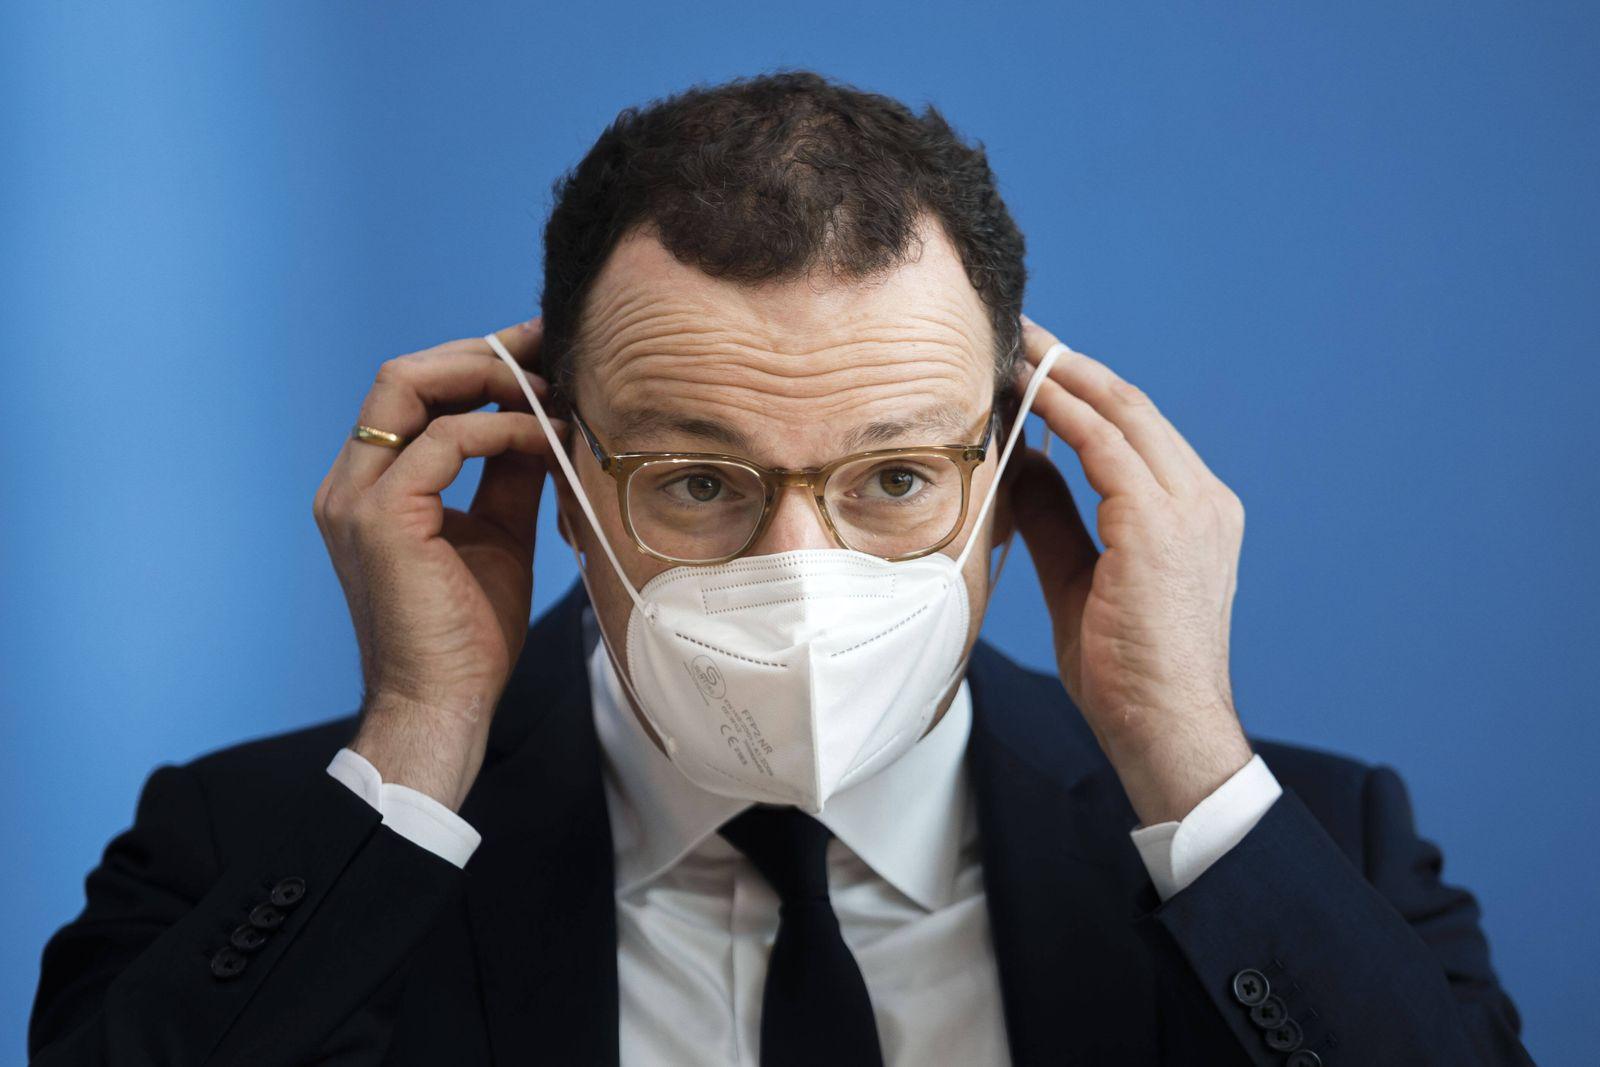 Jens Spahn, CDU, Bundesminister fuer Gesundheit, spricht in der Bundespressekonferenz zur Pandemielage im Lock down. Ber